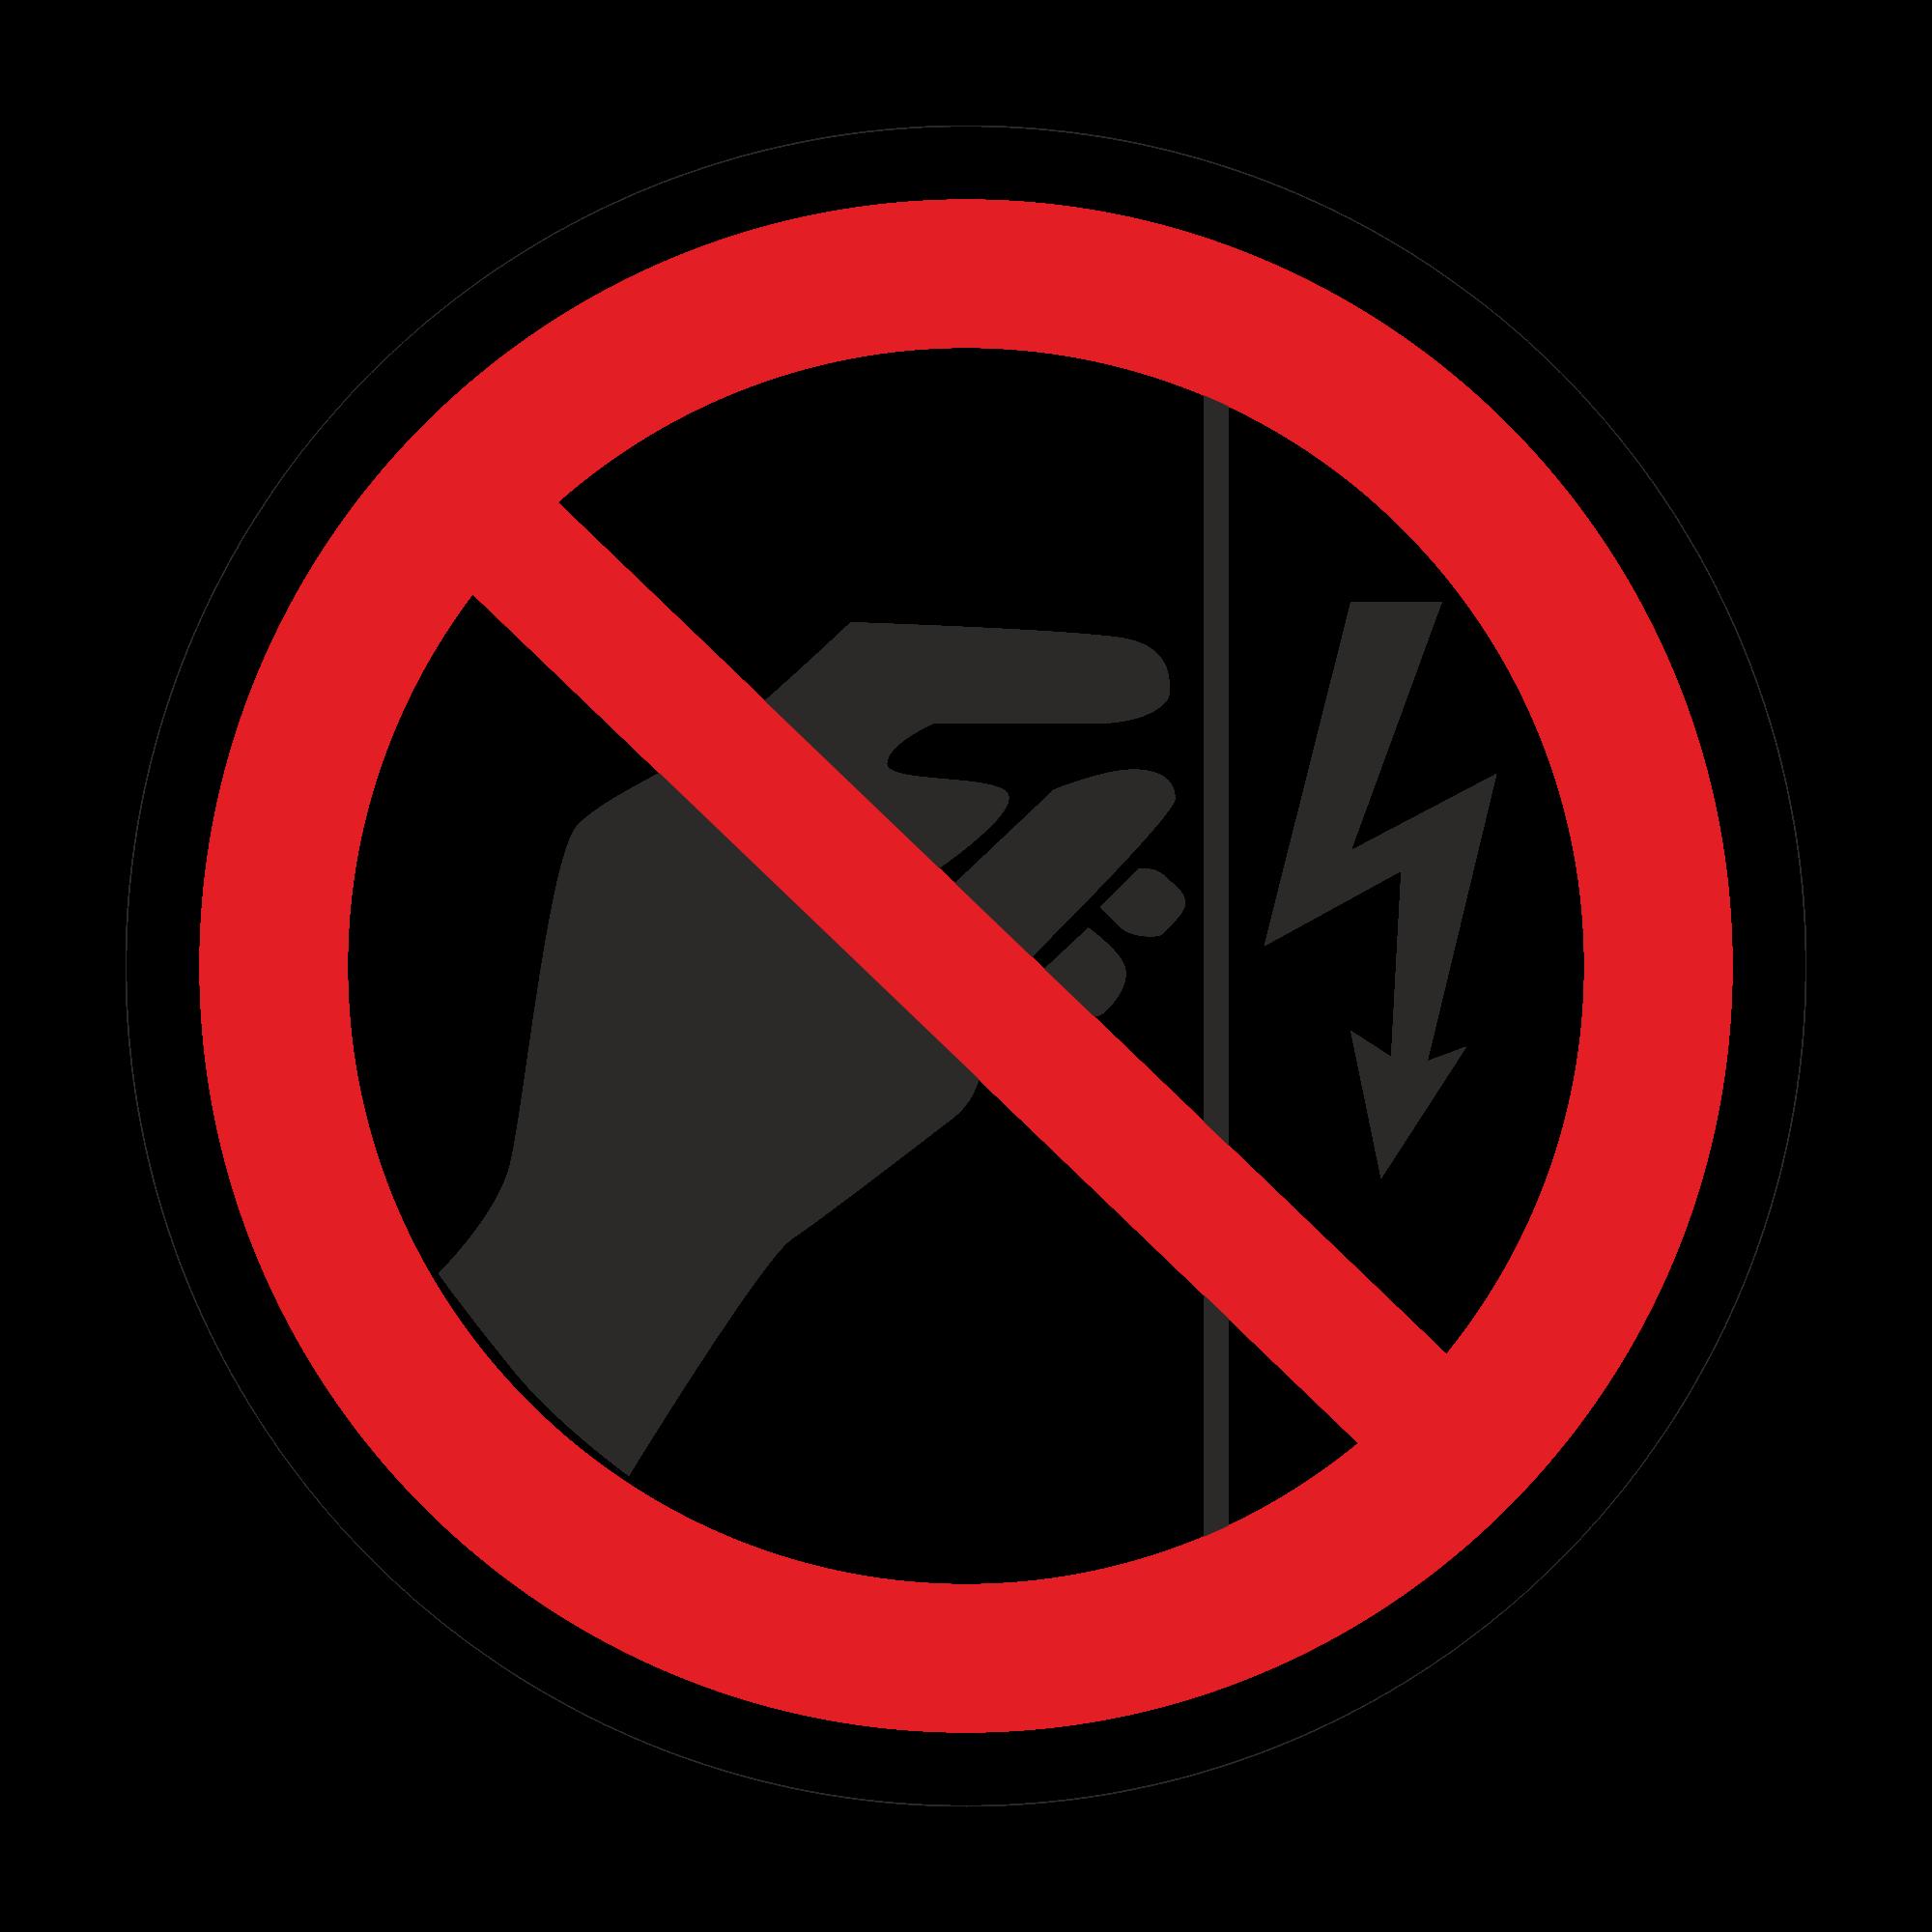 Р09 Запрещается прикасаться. Корпус под напряжением